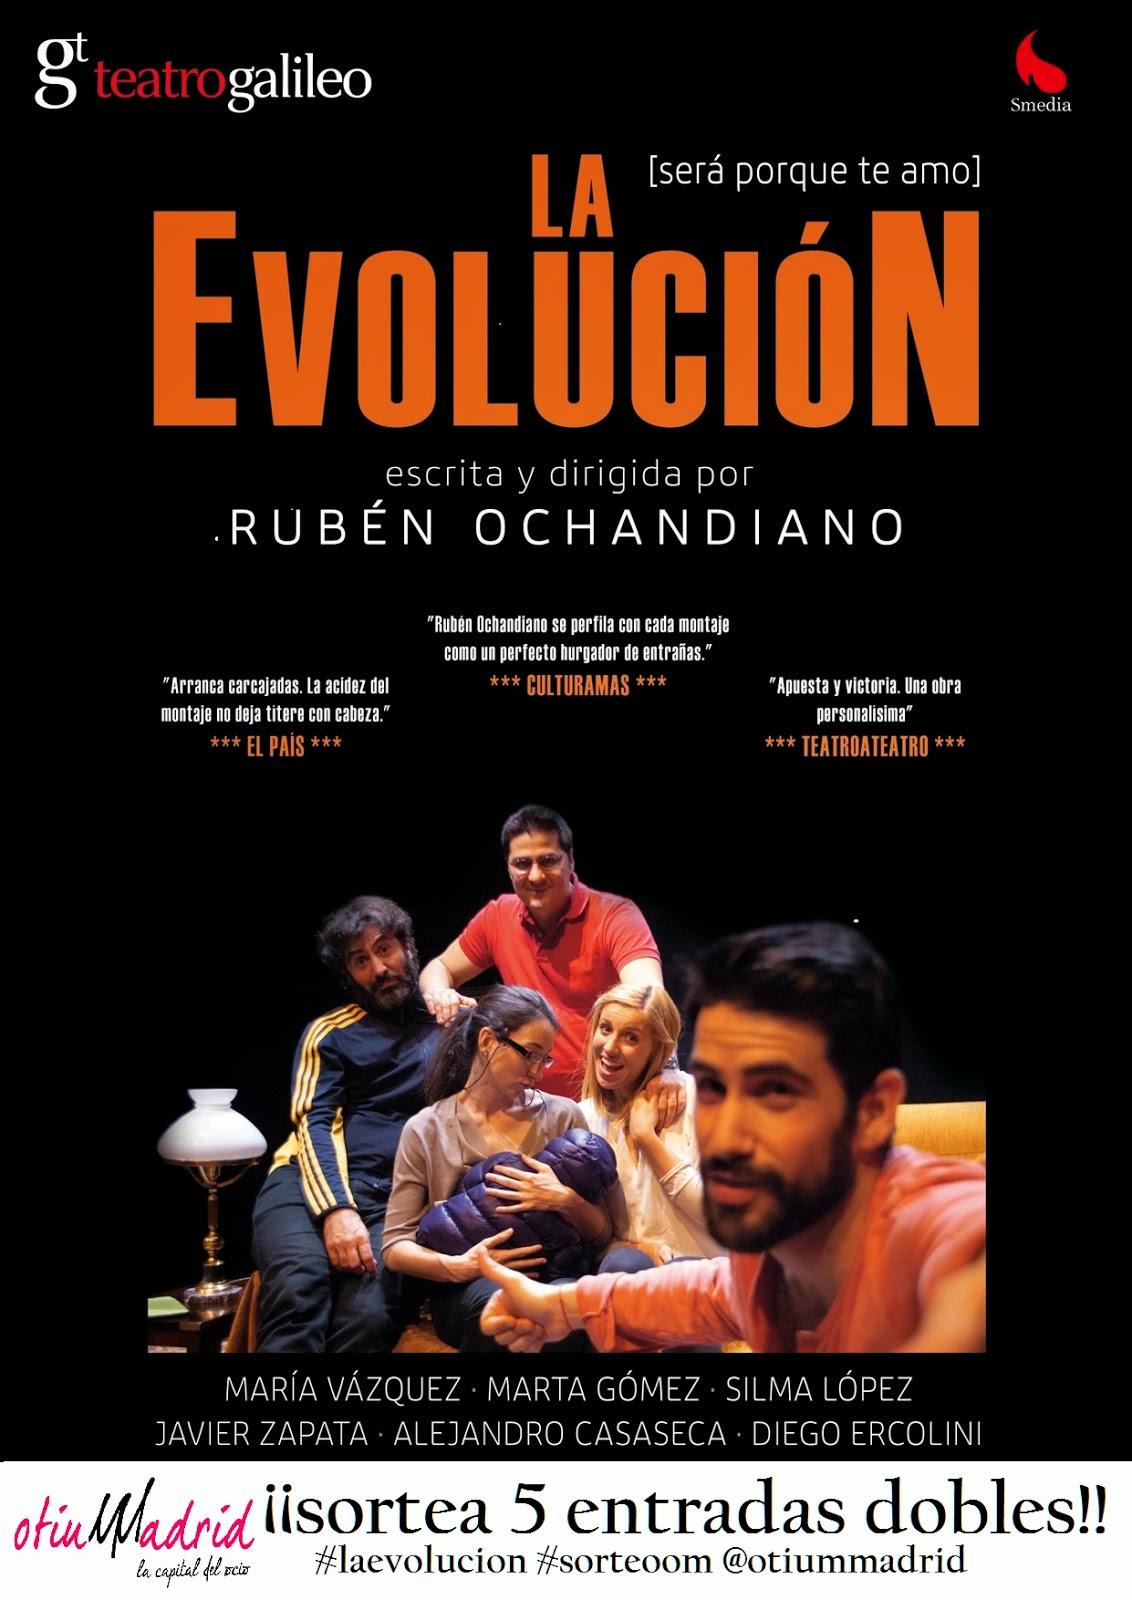 la-evolucion-teatro-galileo-sortea